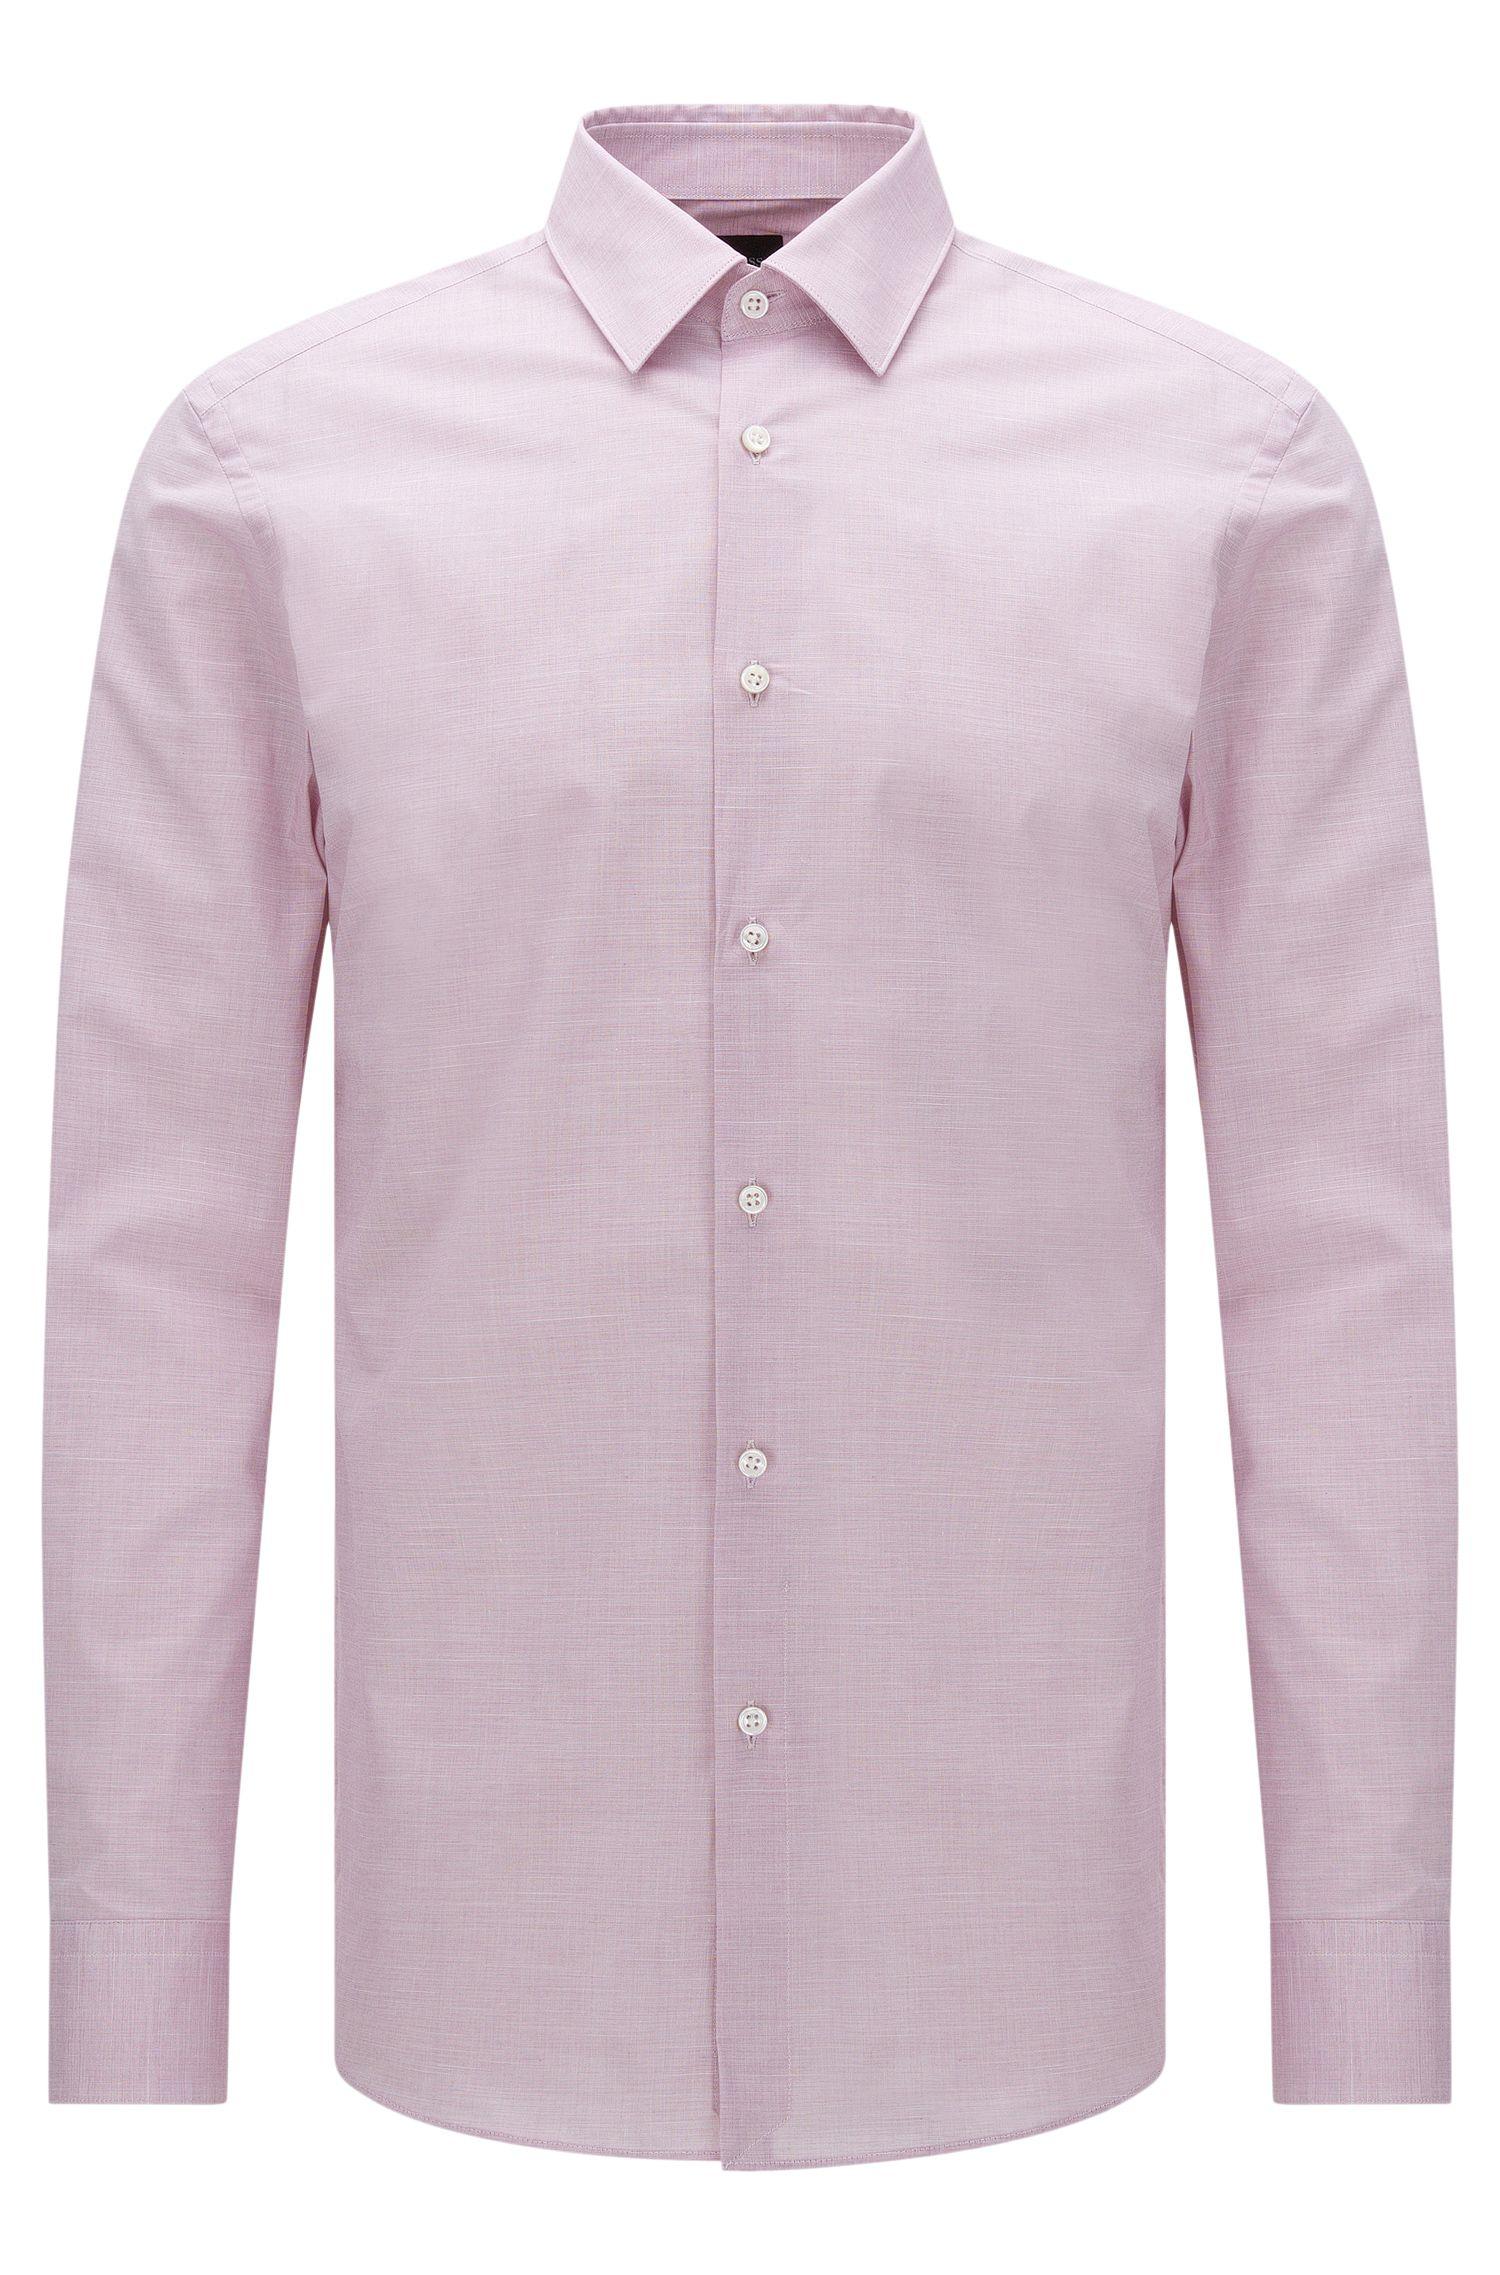 Italian Stretch Cotton Dress Shirt, Slim Fit | T-Clint